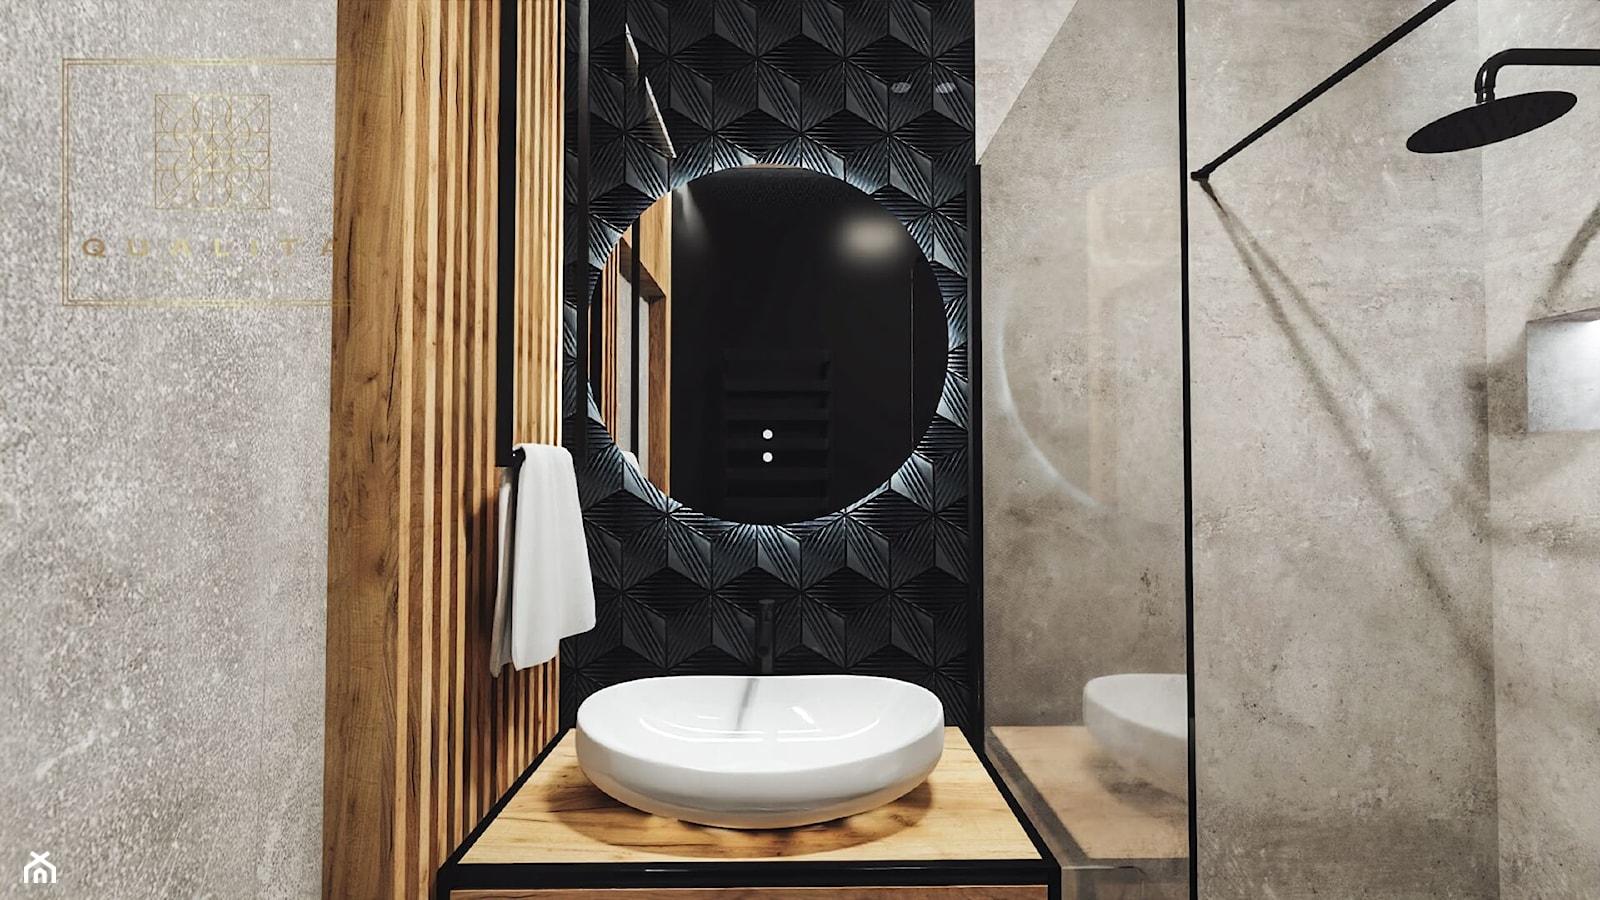 Mała łazienka 3m2 z kabiną - zdjęcie od Qualita Interno - Homebook